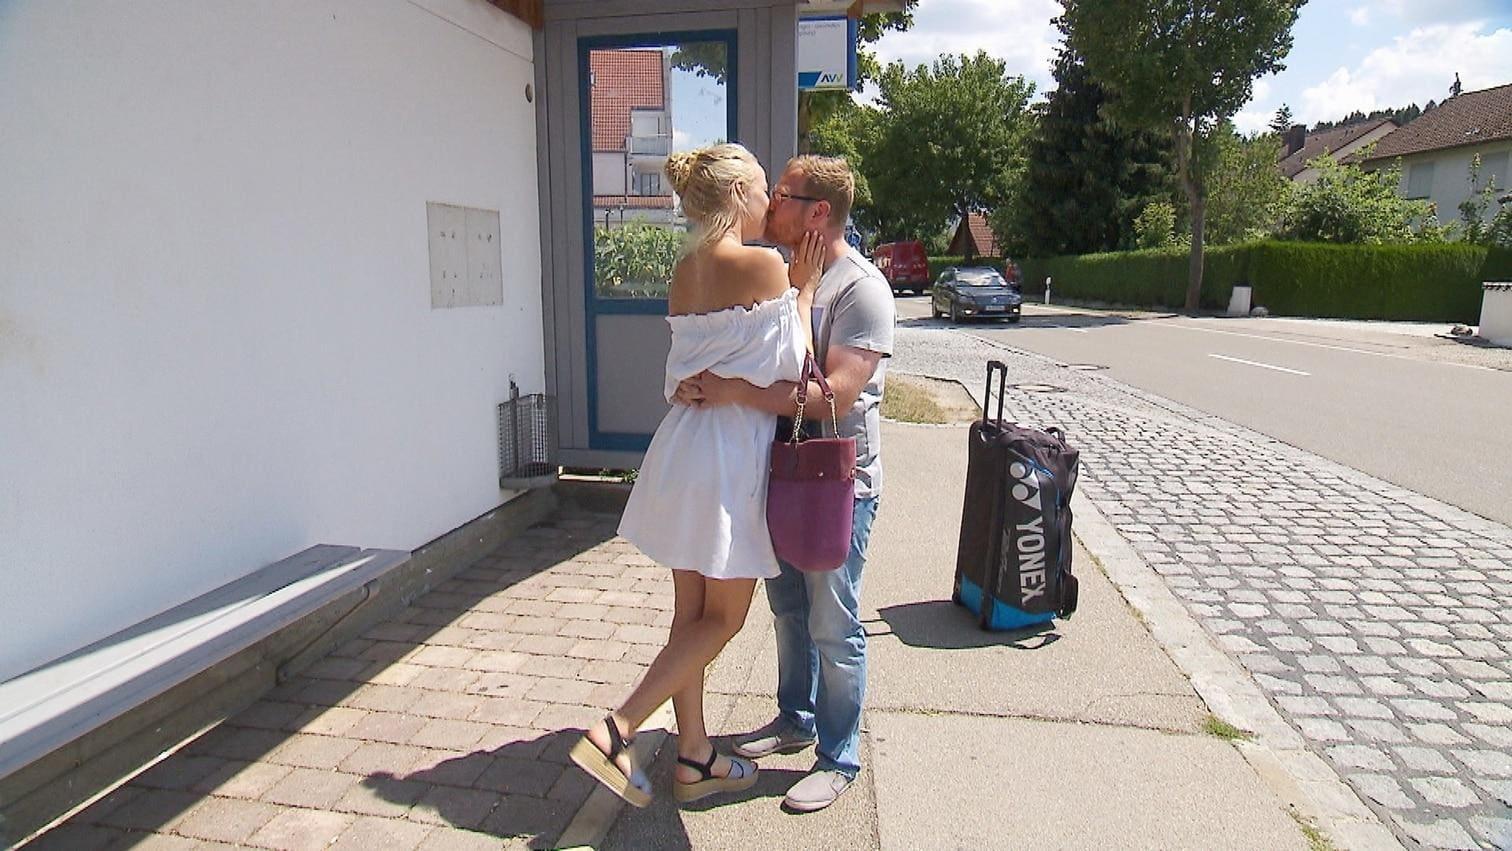 Profi-Tennisspielerin) zum Abschied mit einem ganz persönlichen Geschenk.</p> Foto: MG RTL D